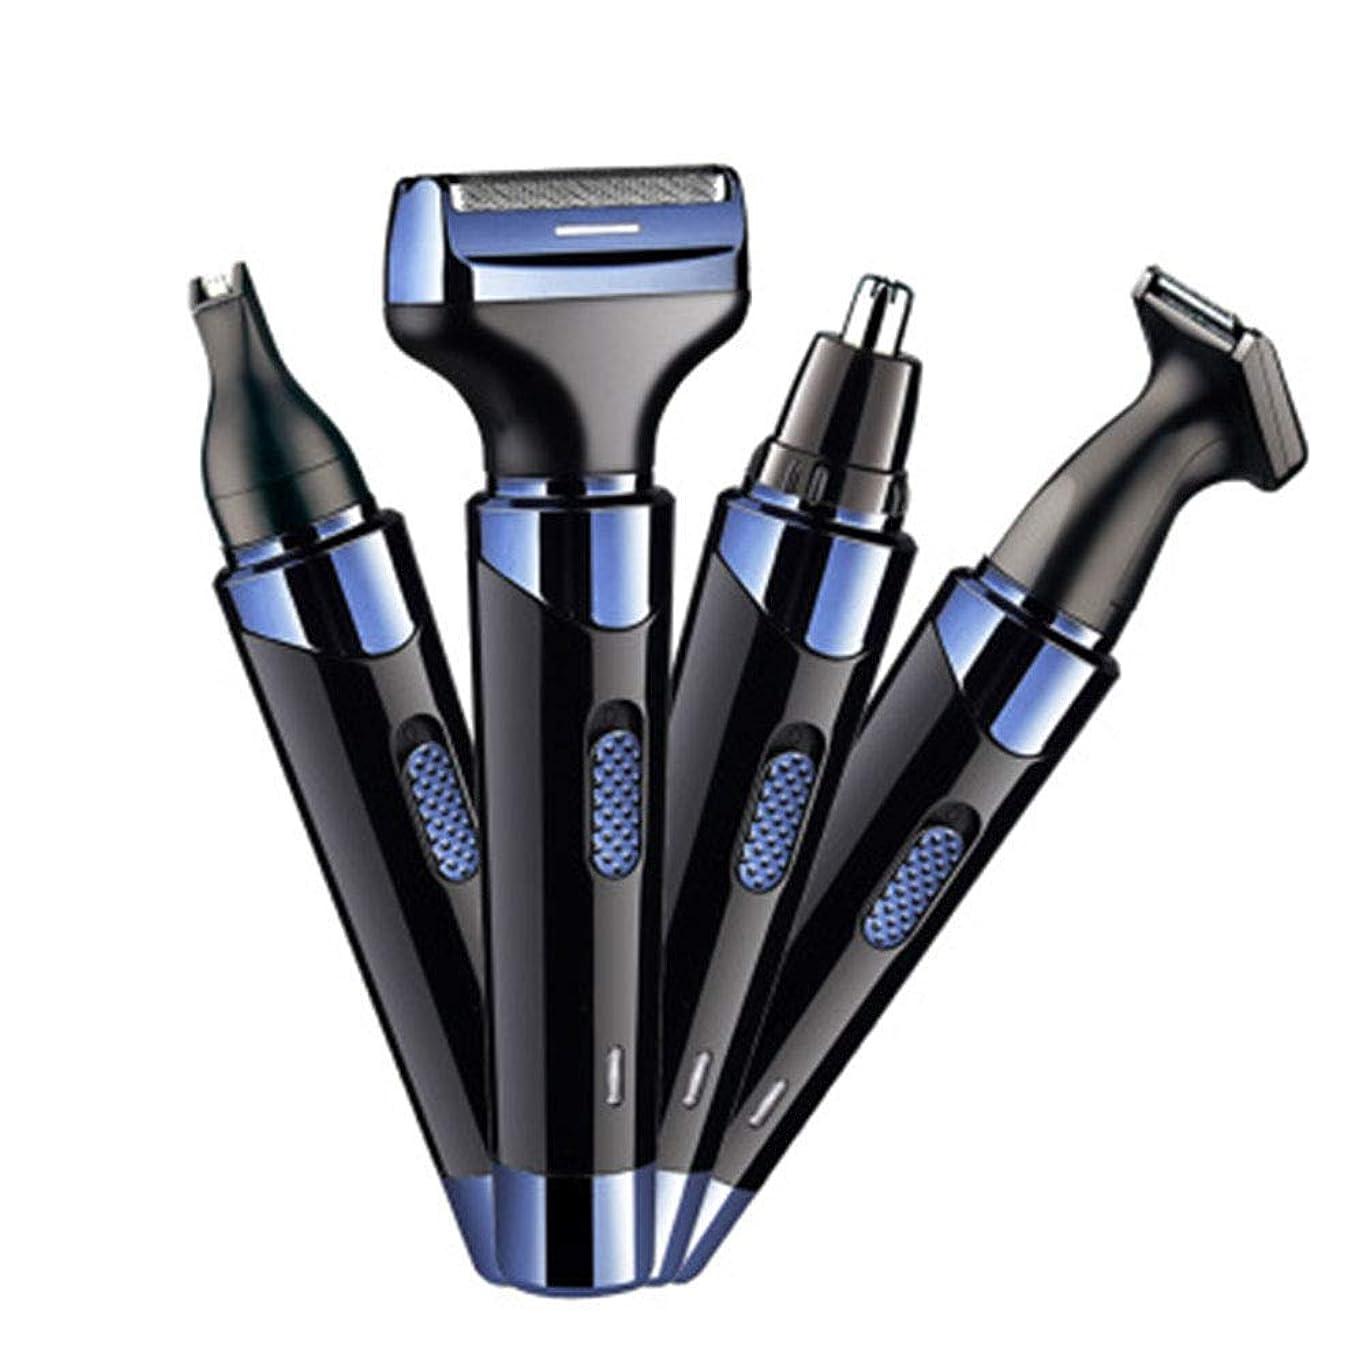 つかの間愛情何十人も鼻毛トリマー4インチ1軽量防水電気メンズ多機能鼻毛トリマー